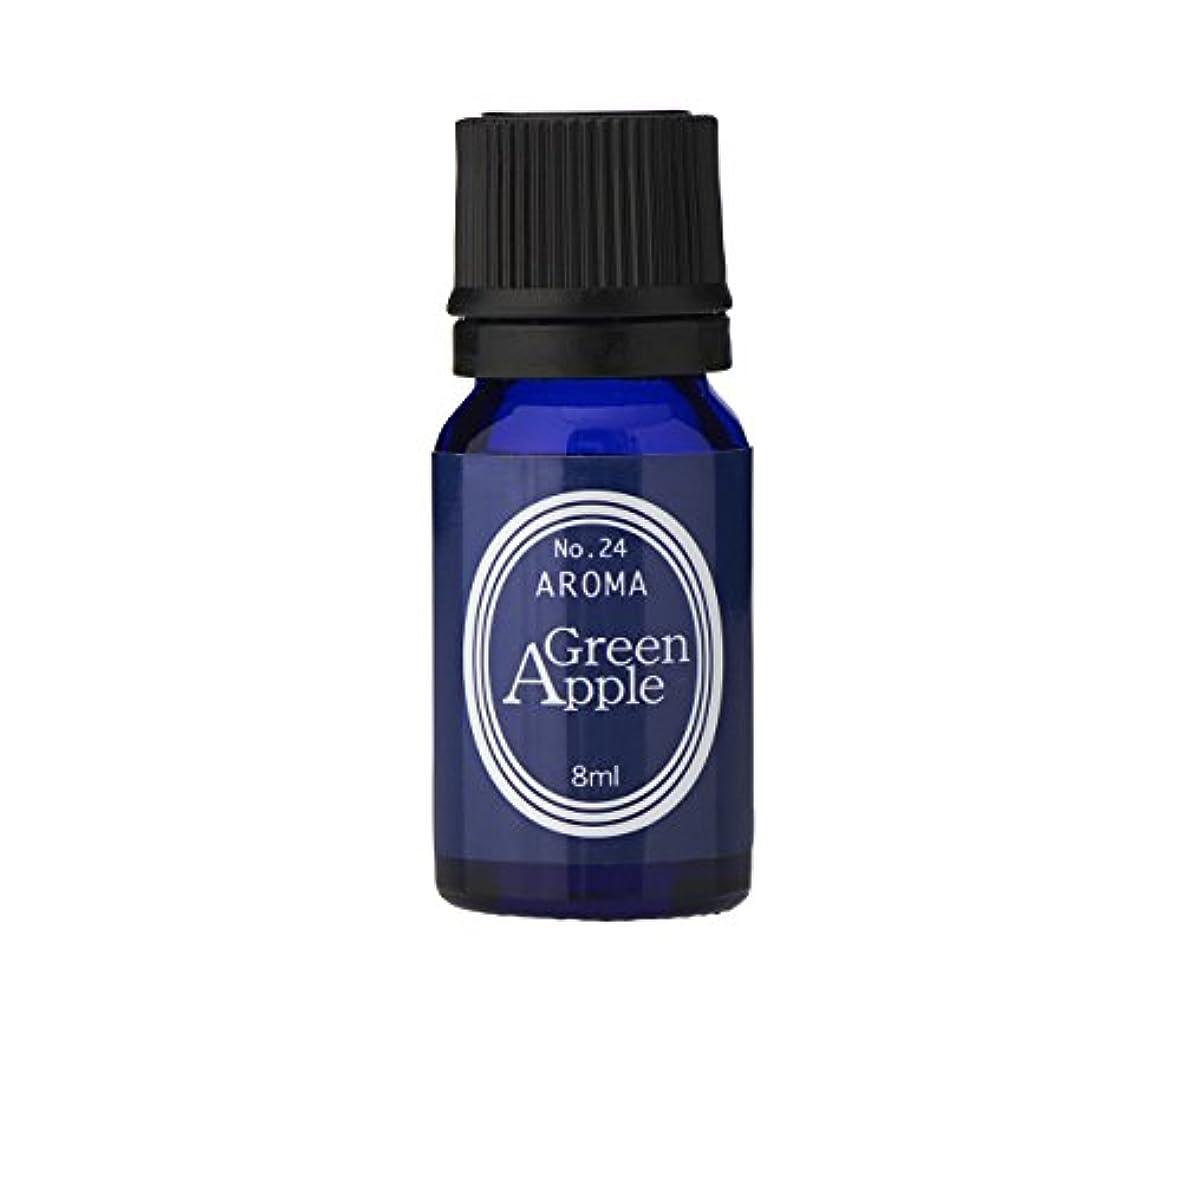 試用湿気の多い不純ブルーラベル アロマエッセンス8ml グリーンアップル(アロマオイル 調合香料 芳香用)